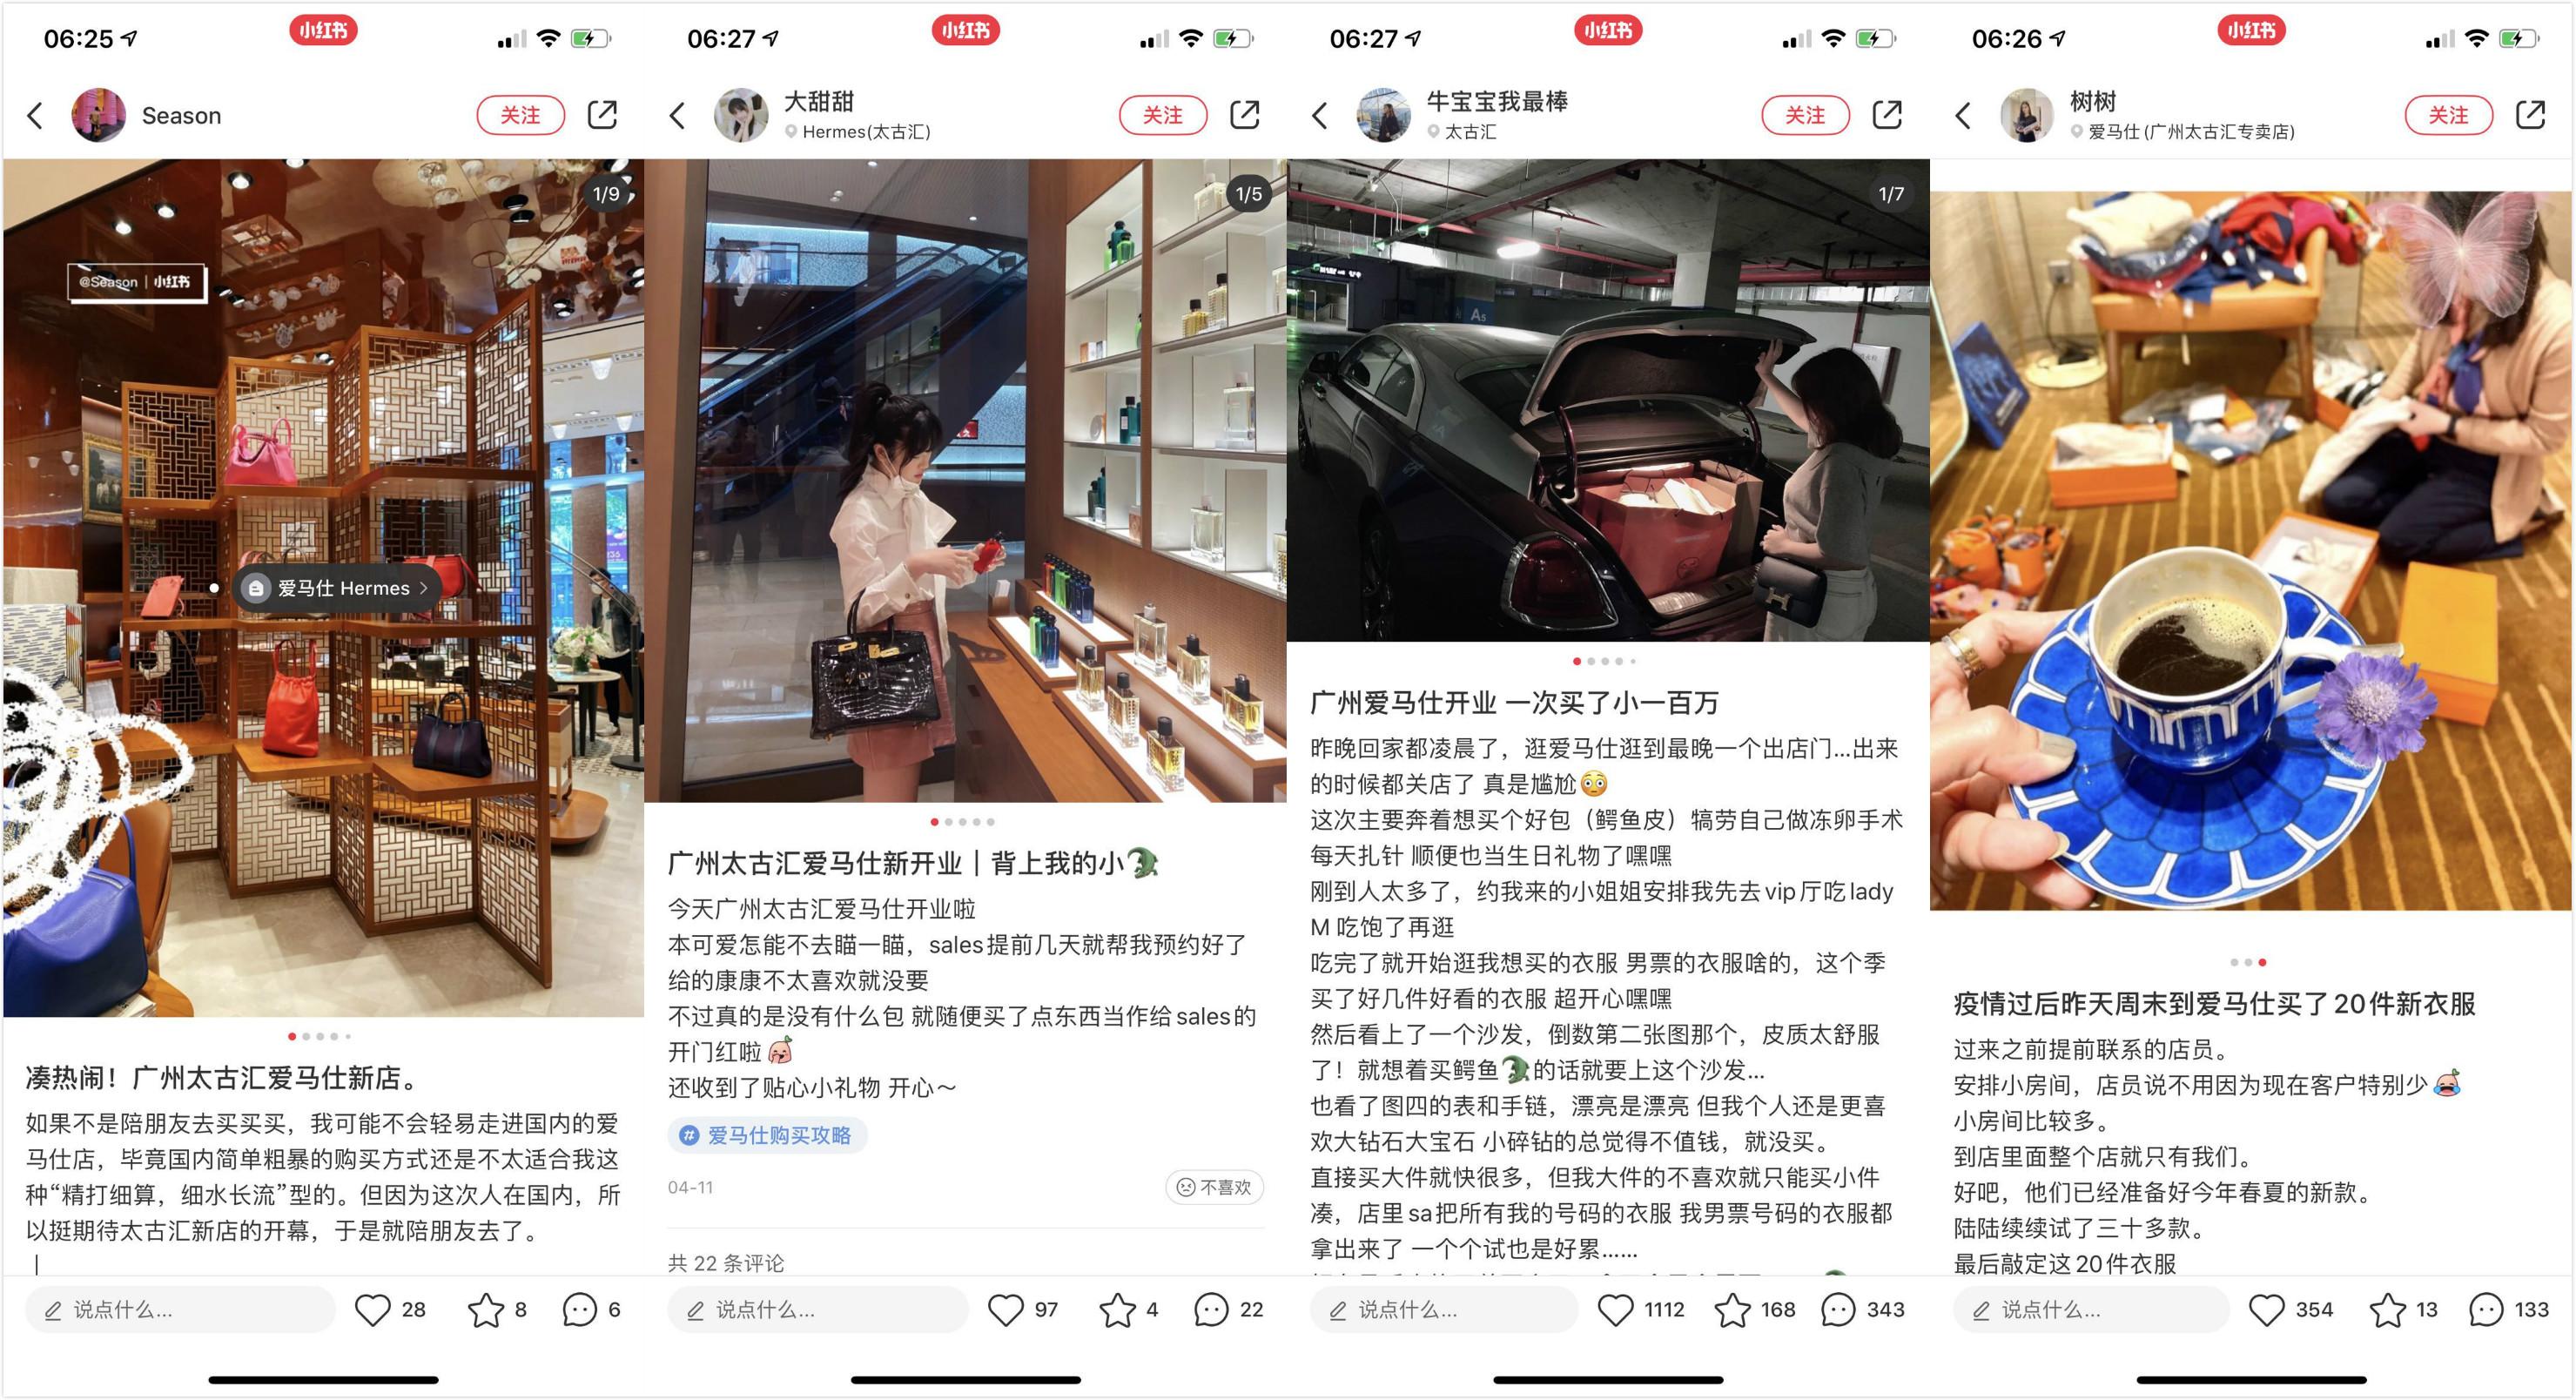 Screenshots of Xiaohongshu users sharing their experience shopping at the reopened Hermès flagship in Guangzhou, China